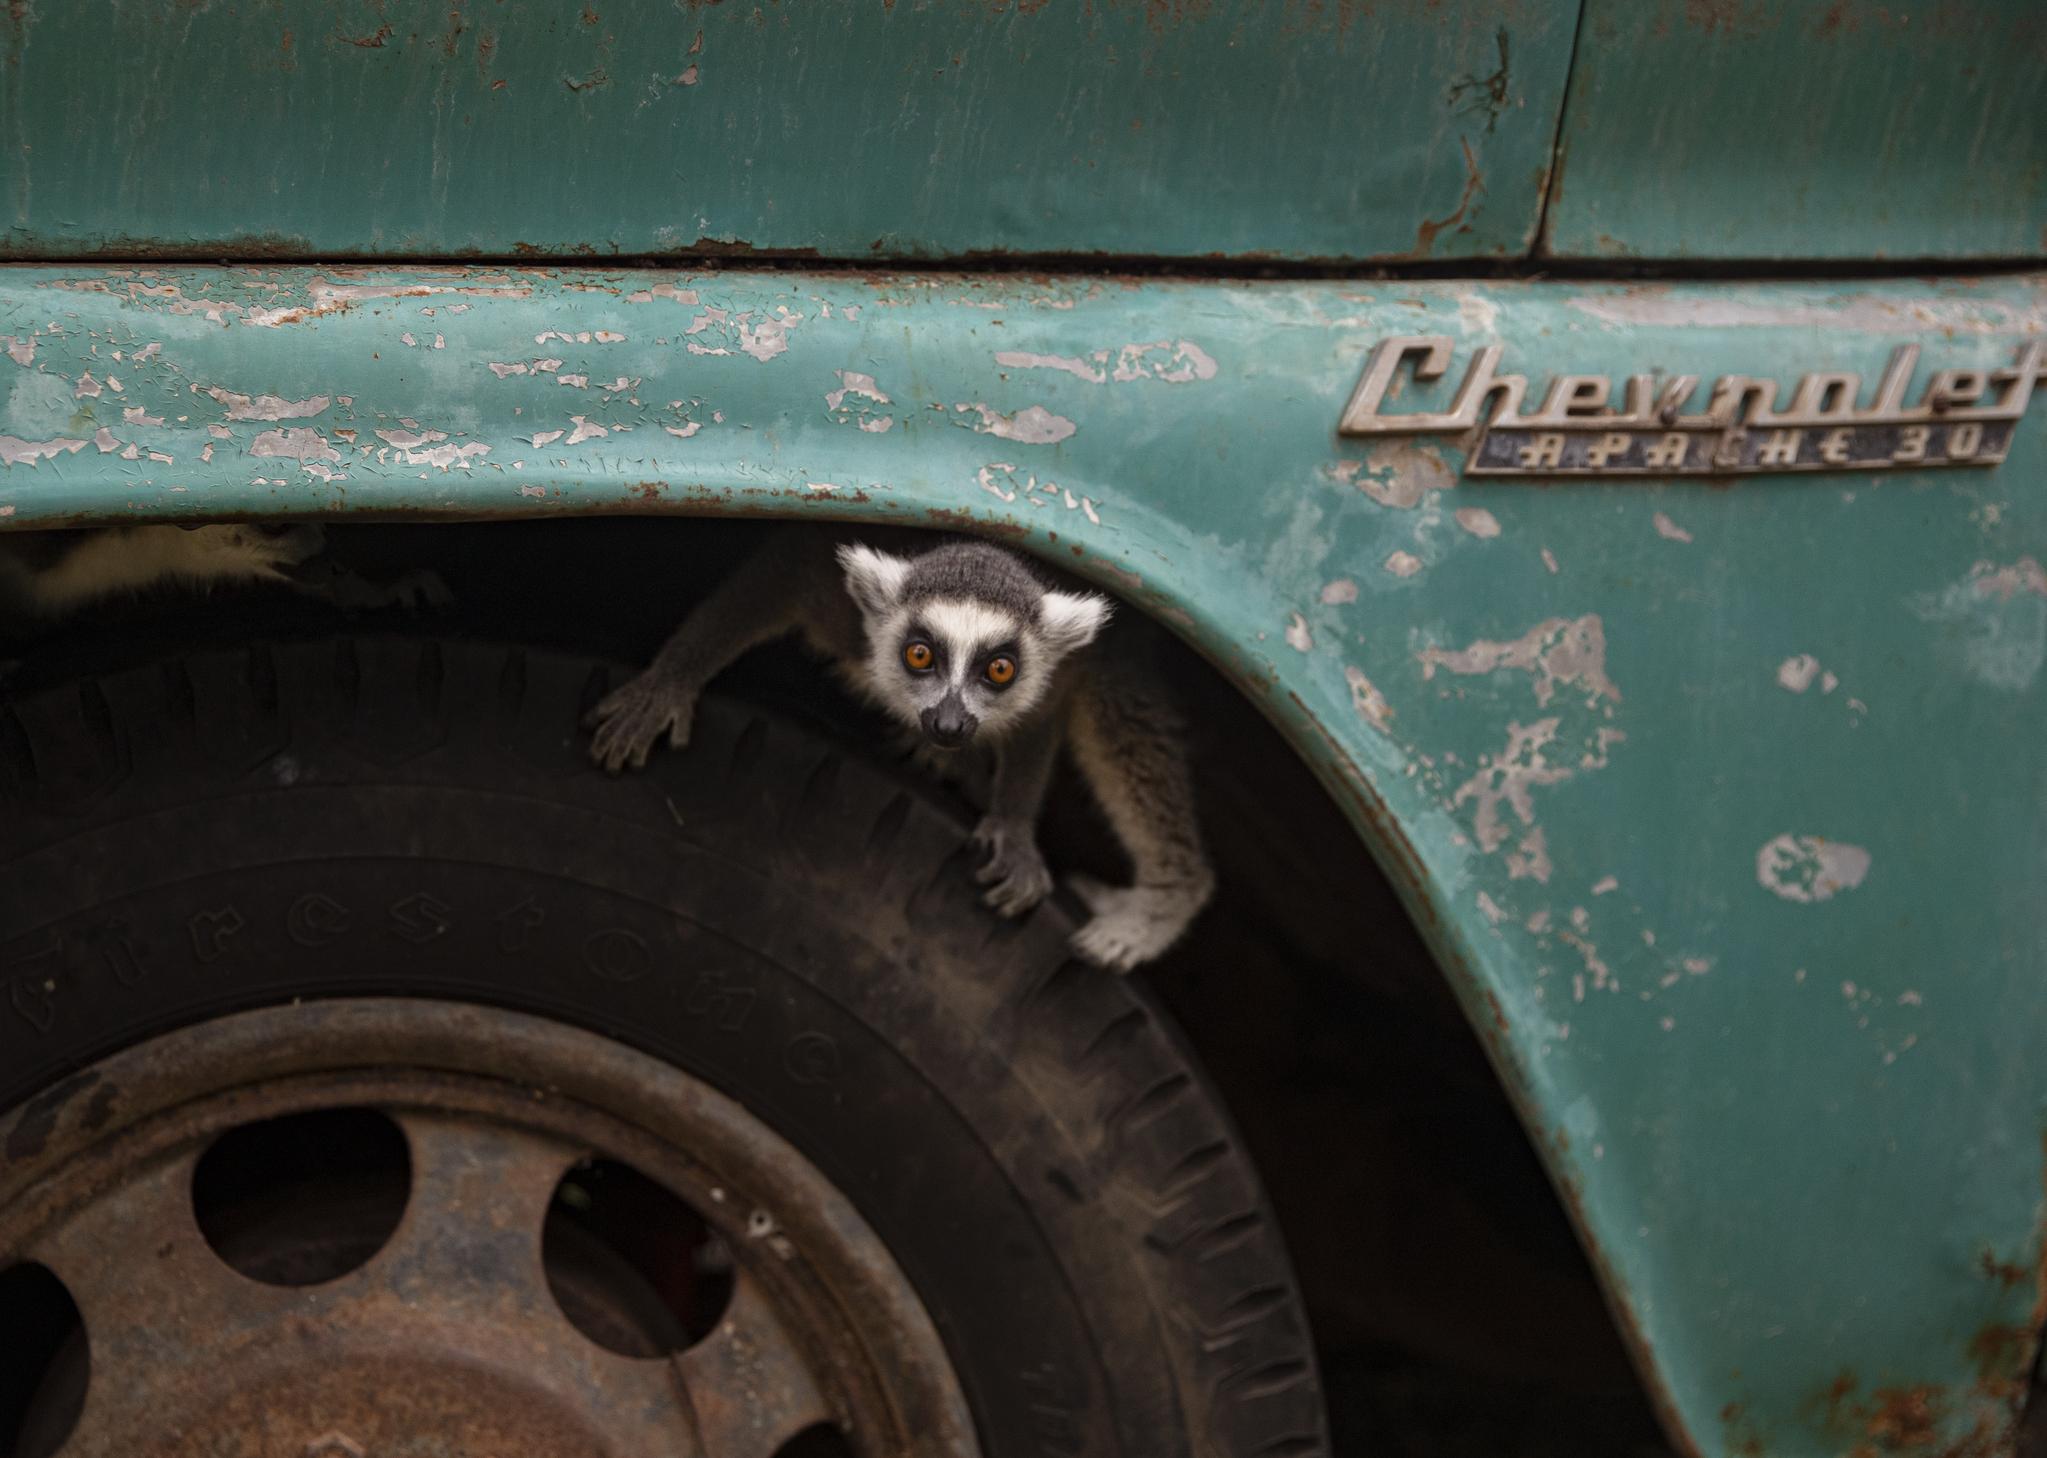 칠레 산티아고의 부인 동물원 알락꼬리여우원숭이가 15일(현지시각) 트럭 타이어에서 놀다가 카메라를 바라보고 있다. 칠레에서 가장 큰 사설 동물원인 부인 동물원은 코로나 확산으로 폐쇄가 길어지자 심각한 경영난에 처해 '동물을 후원해 달라'는 공개 캠페인을 시작했다. AP=연합뉴스